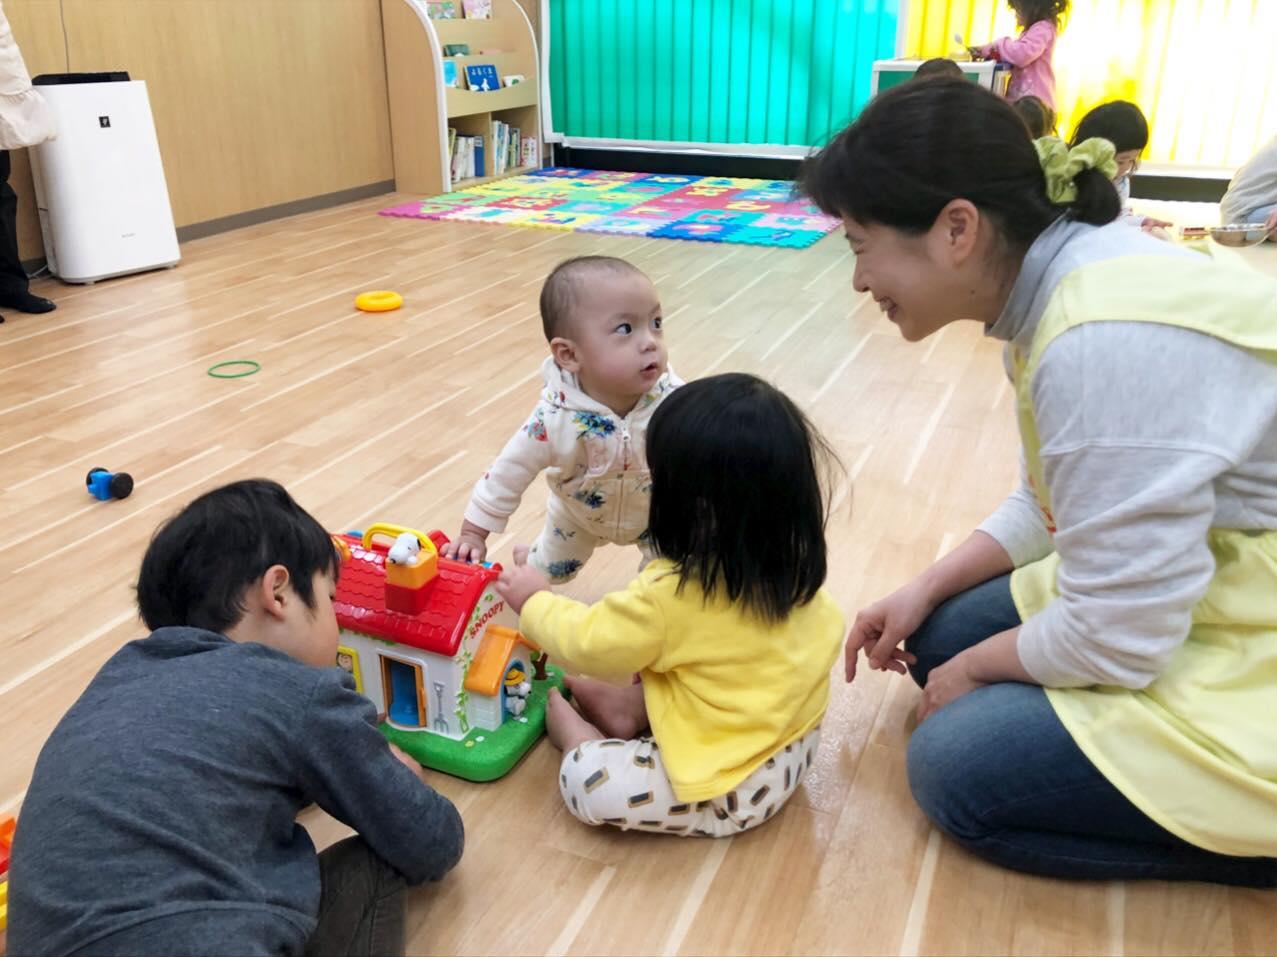 ヤクルト保育園 保育者さんと子どもたち